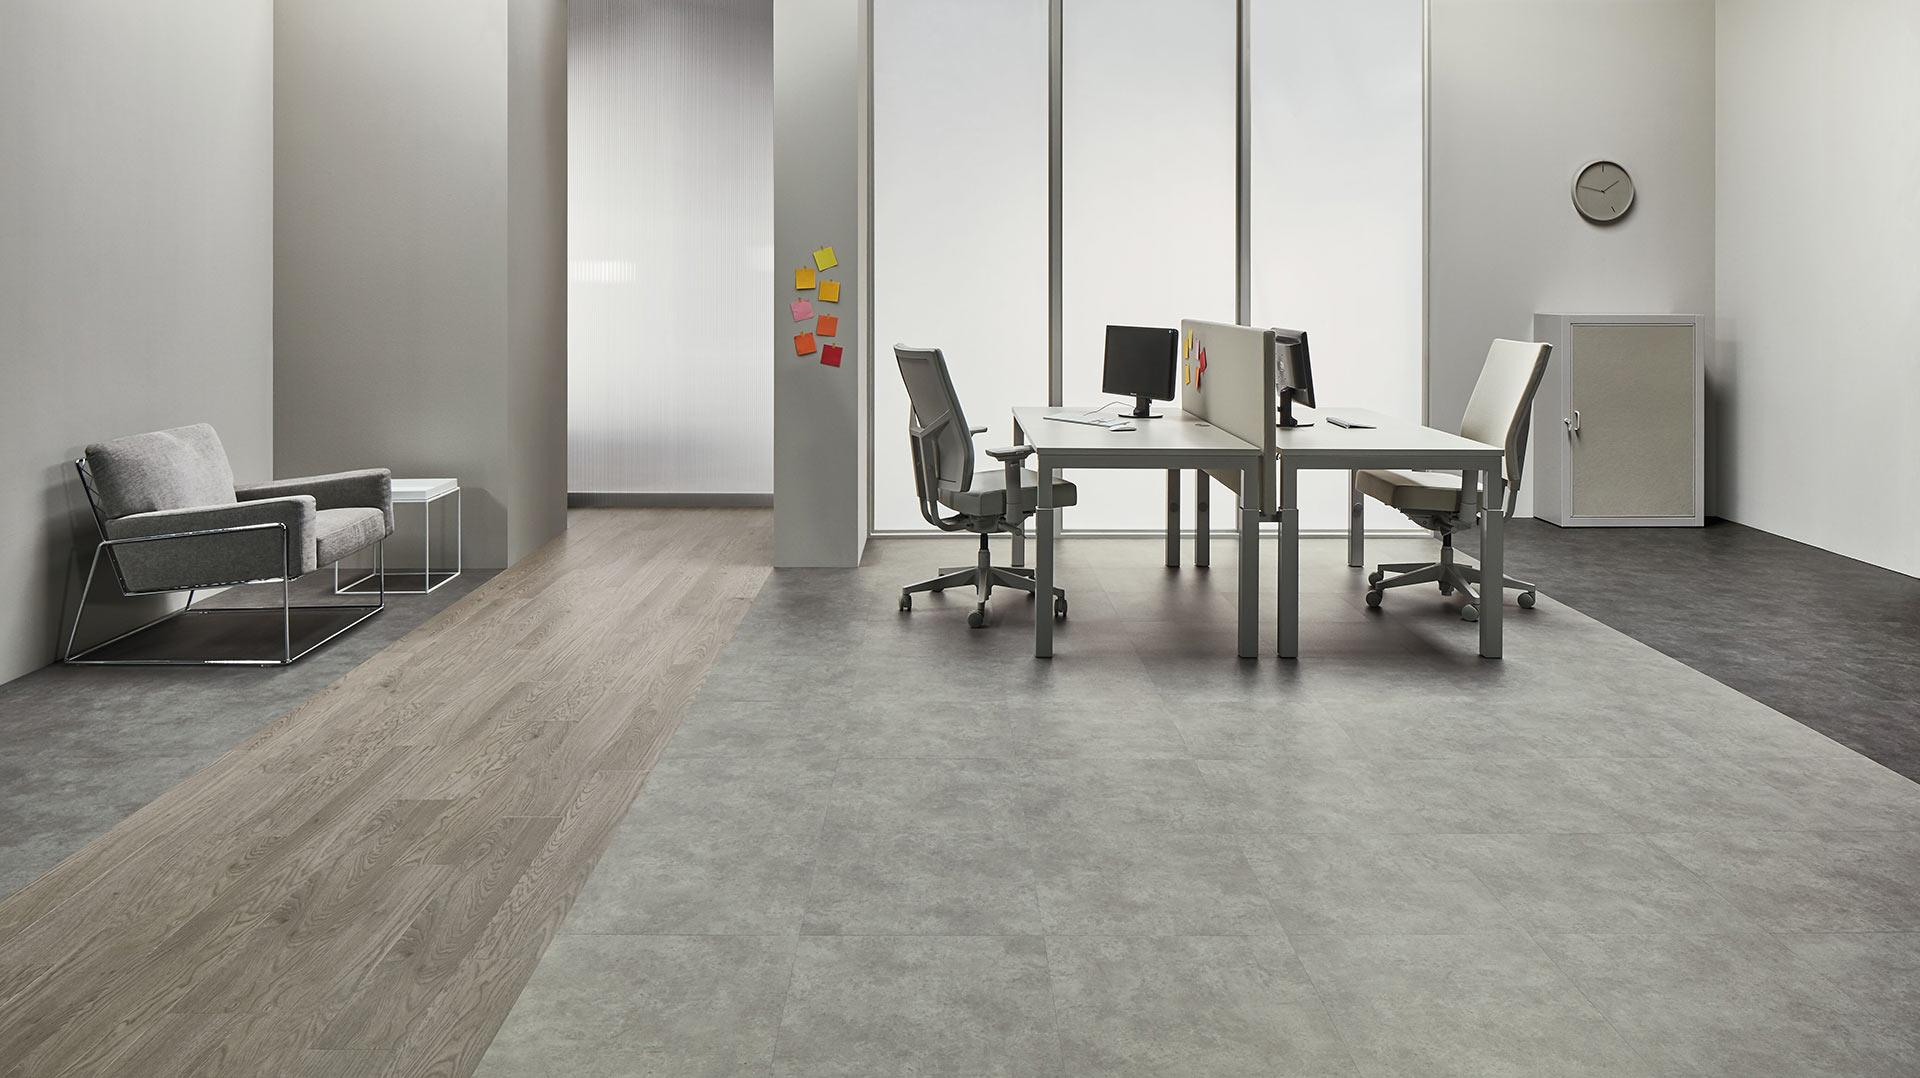 Vinylboden Charcoal Concrete – Zeitloses, formschönes Vinyl in Zement Fliesenoptik – Jetzt kostenloses Muster bestellen!